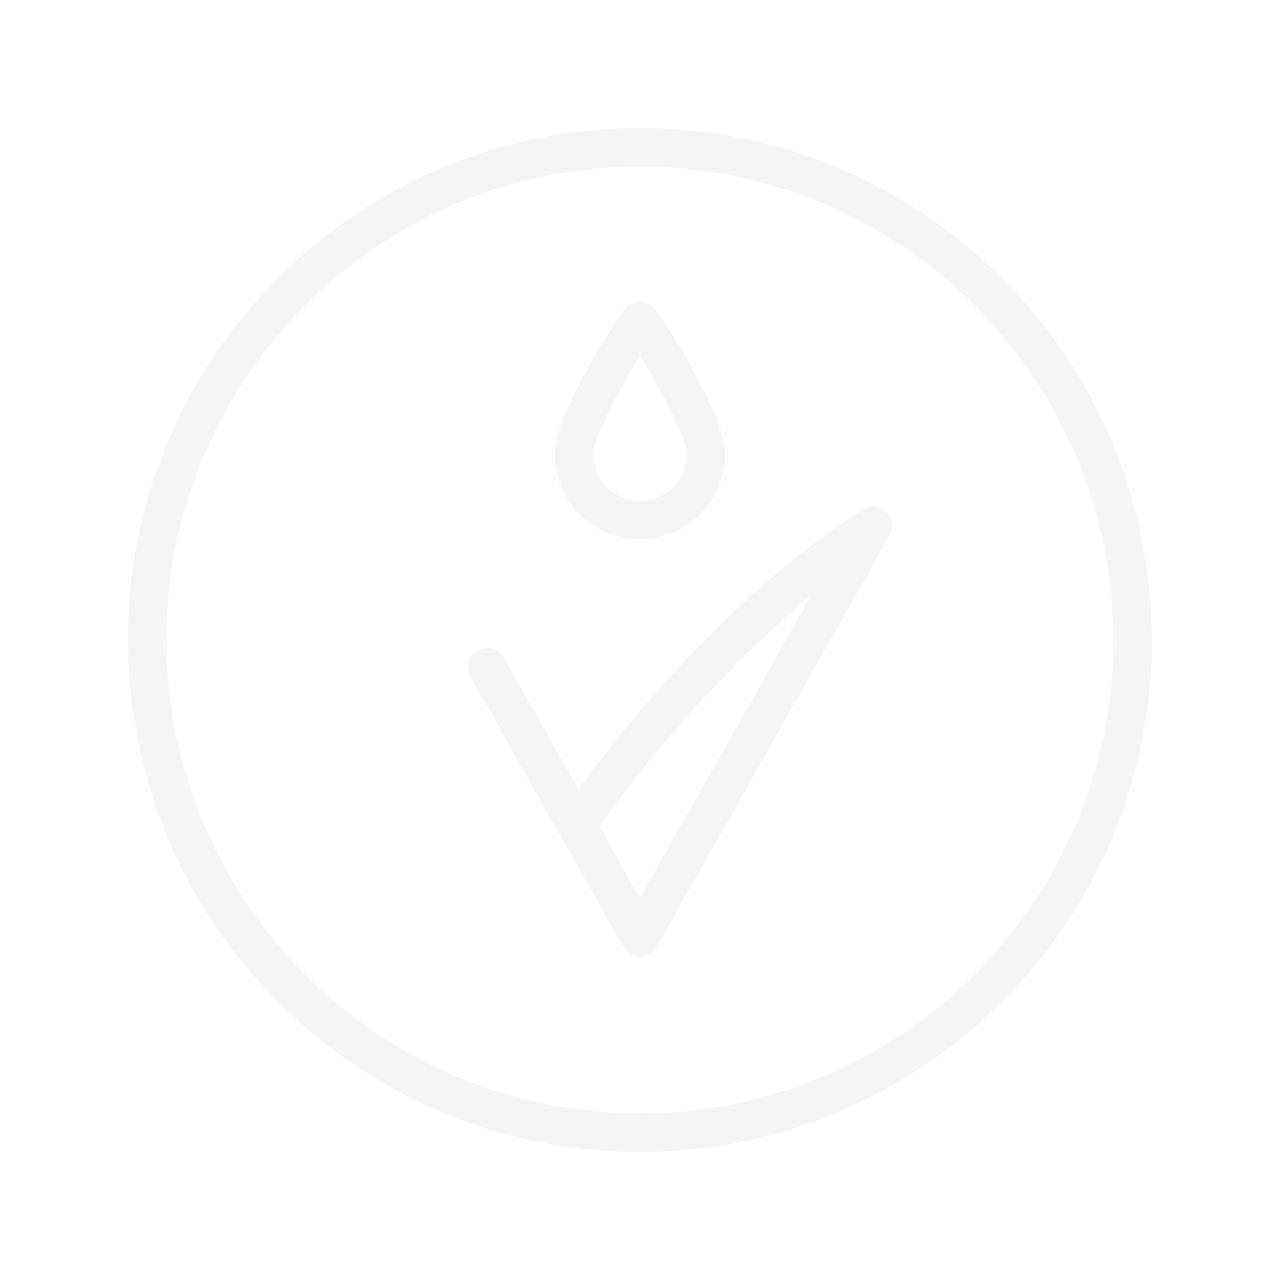 DIOR Diorskin Forever Extreme Control Matte Powder Makeup SPF20 No.030 Medium Beige 9g